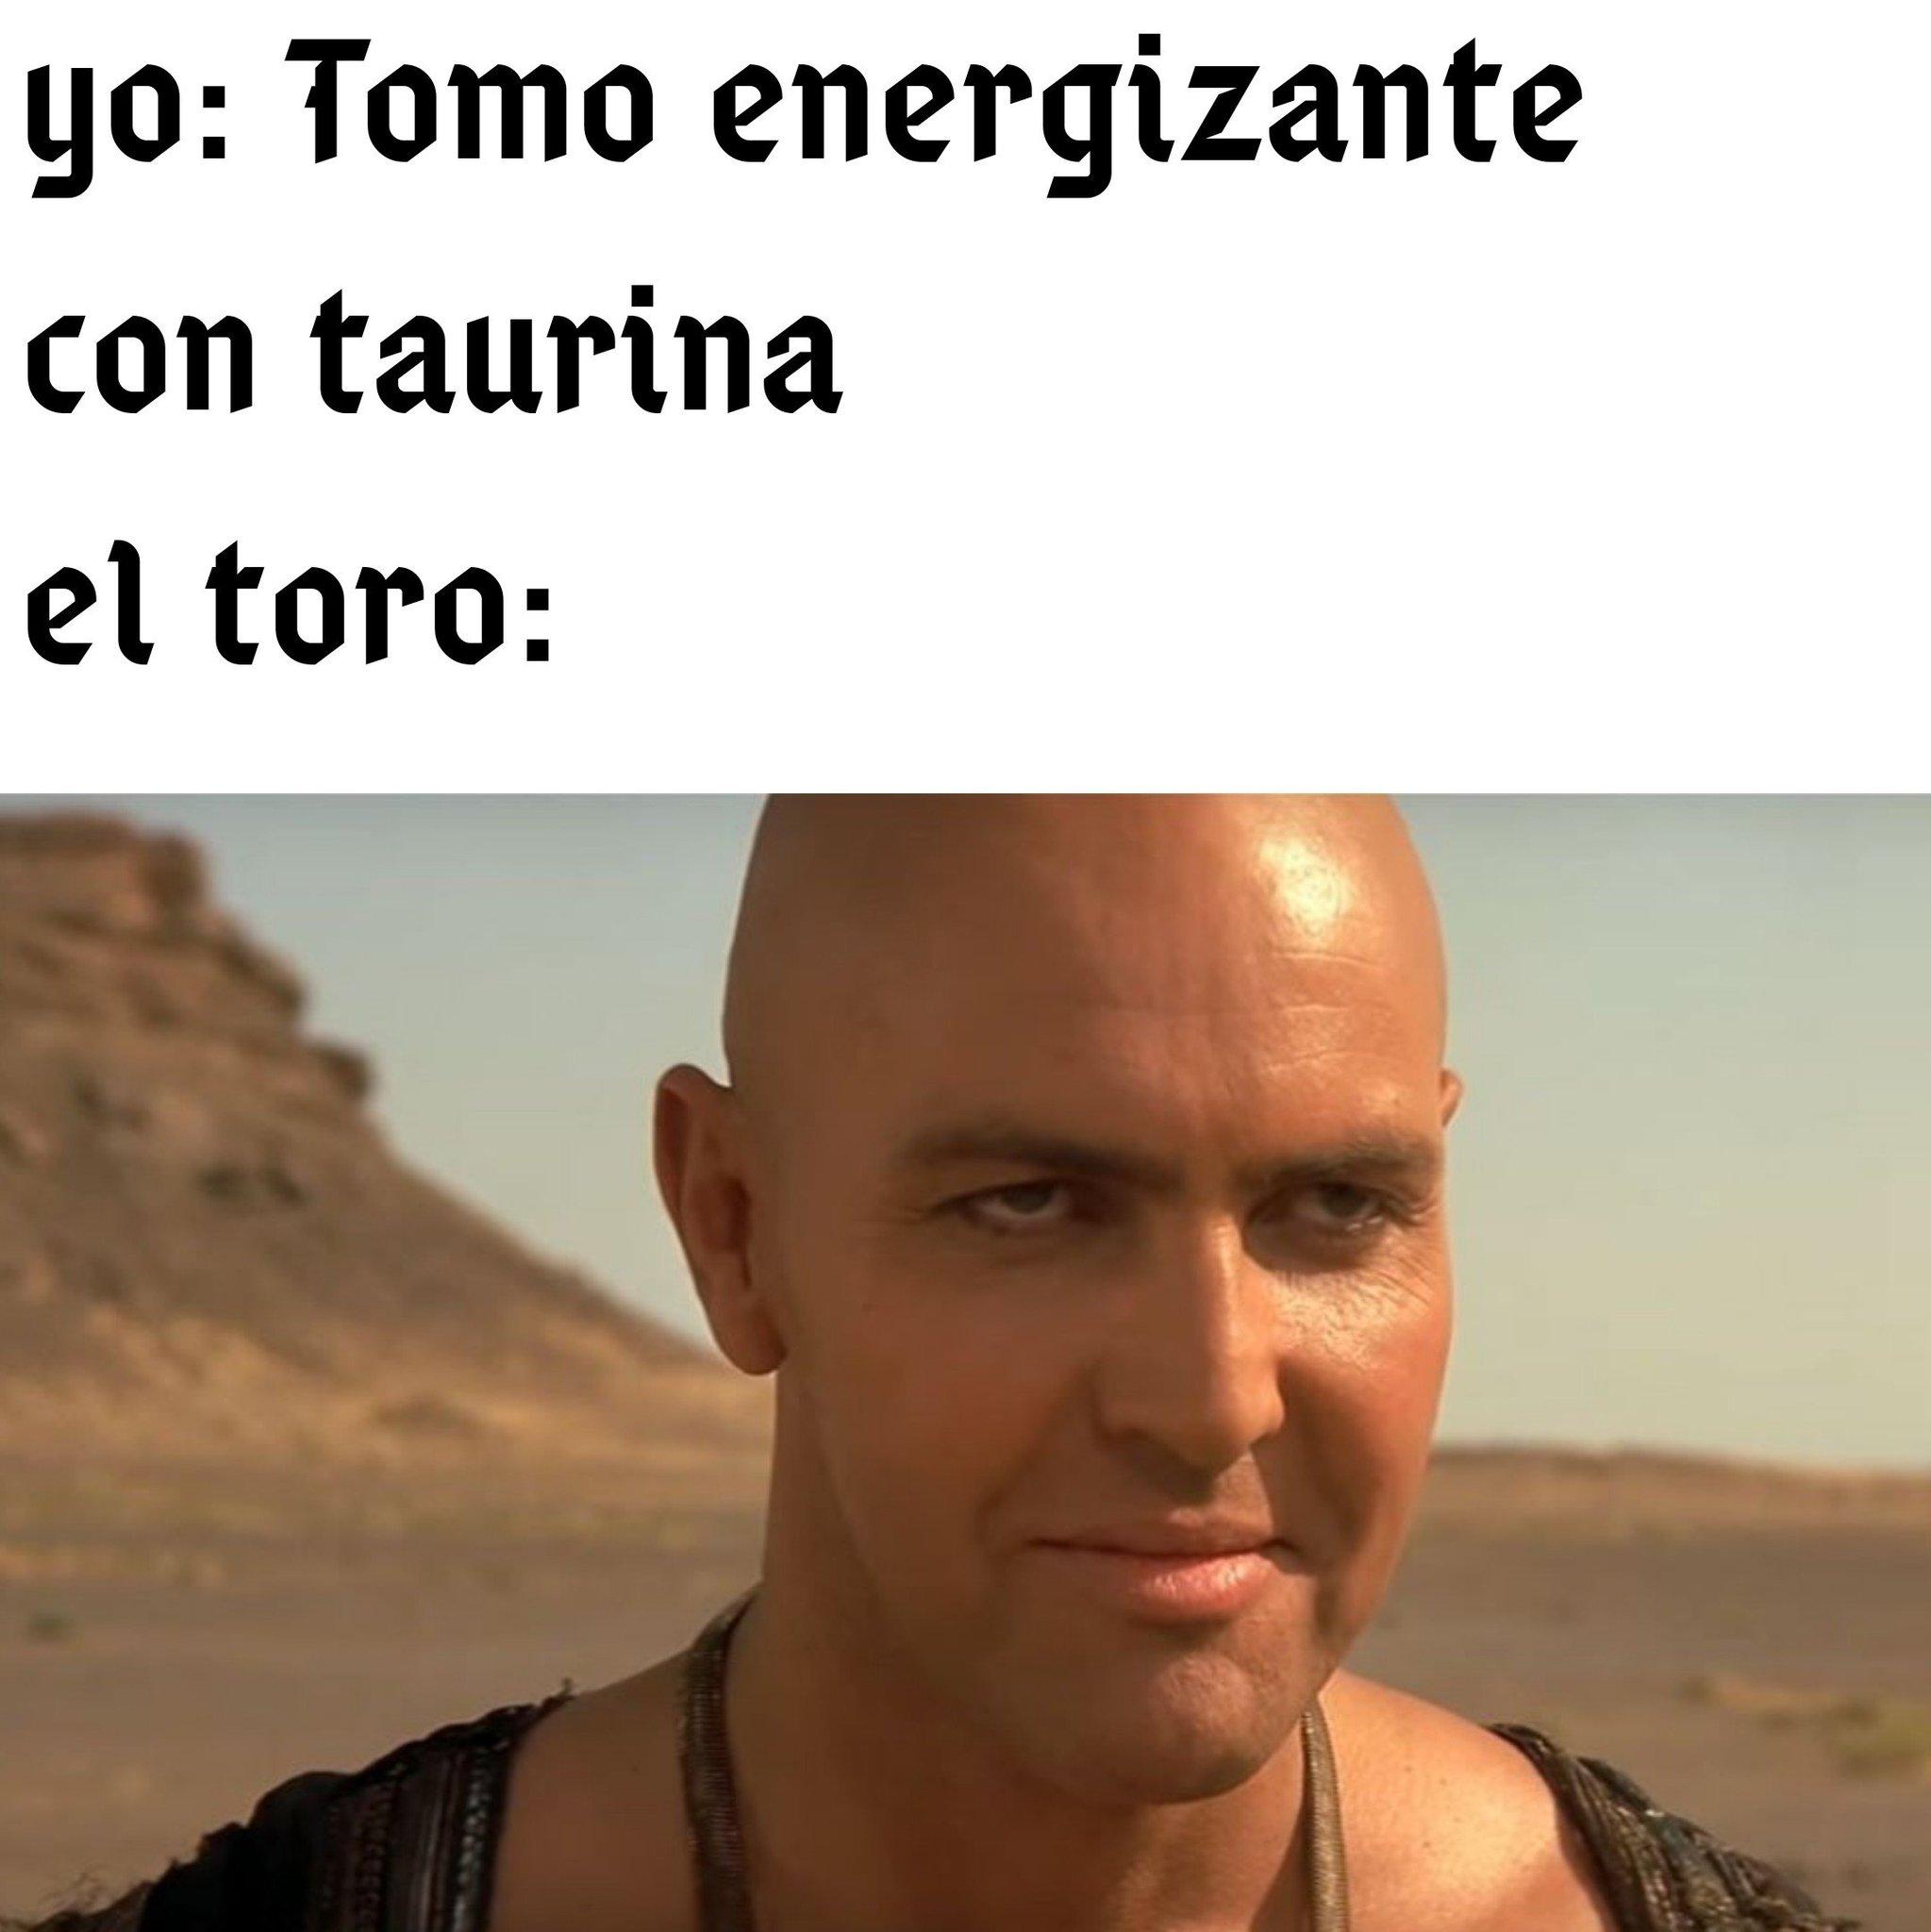 Meado de toro - meme